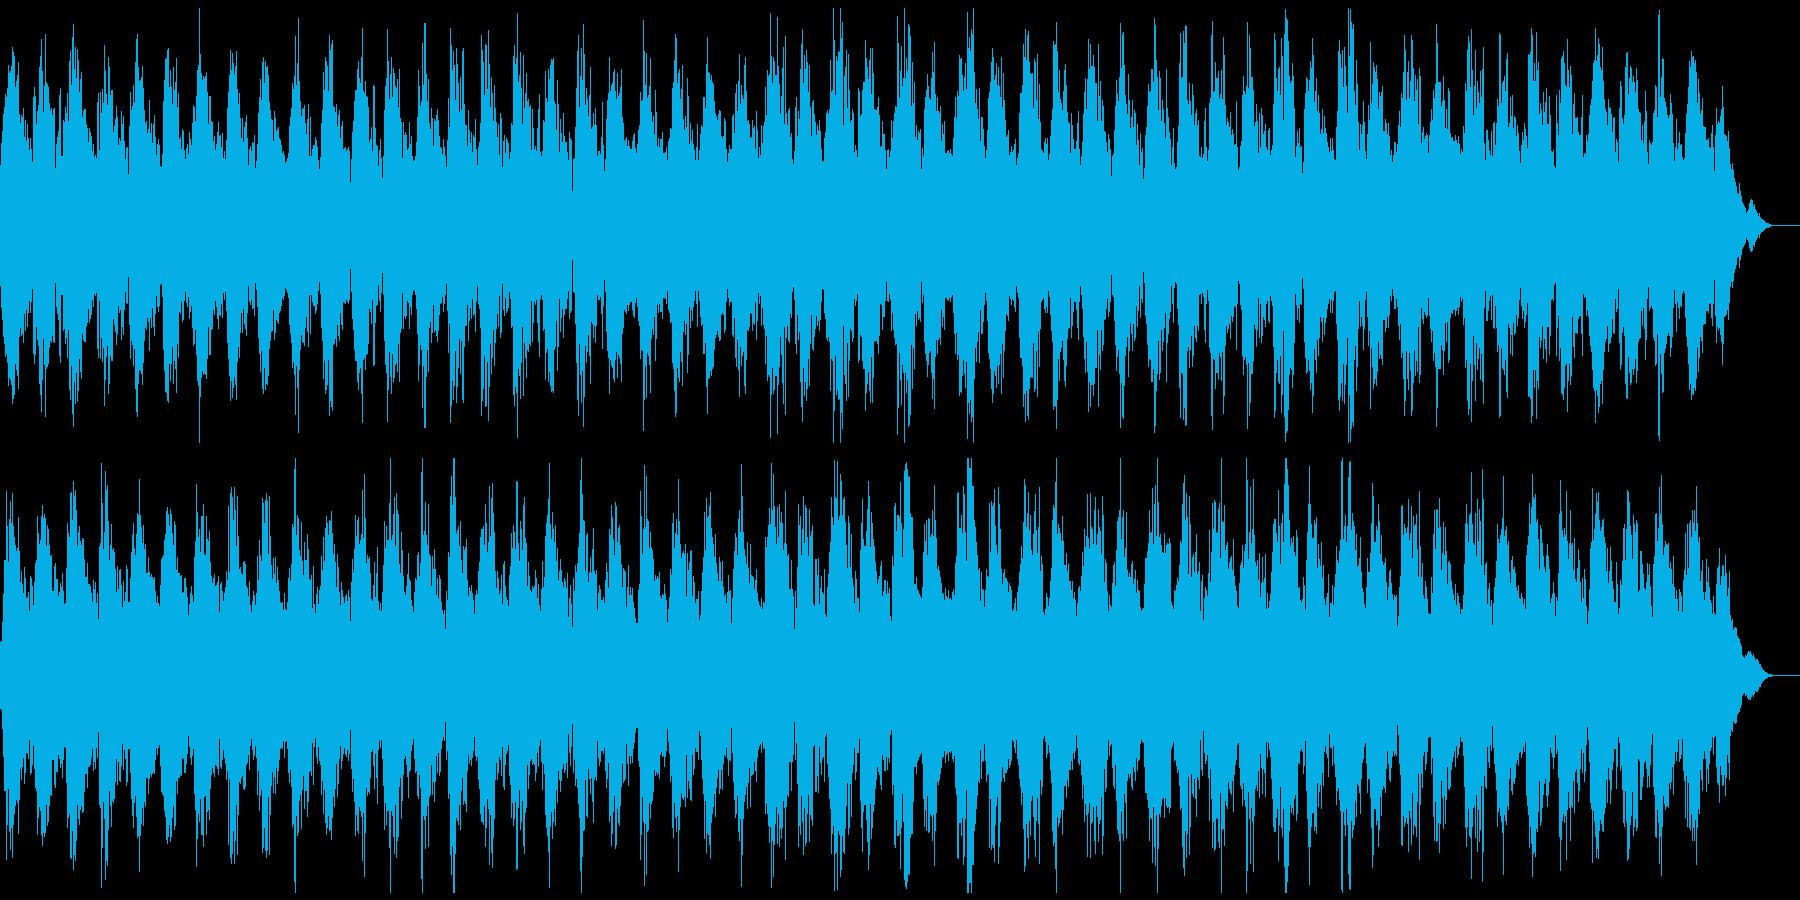 瞑想やヨガ、睡眠誘導のための音楽 04の再生済みの波形